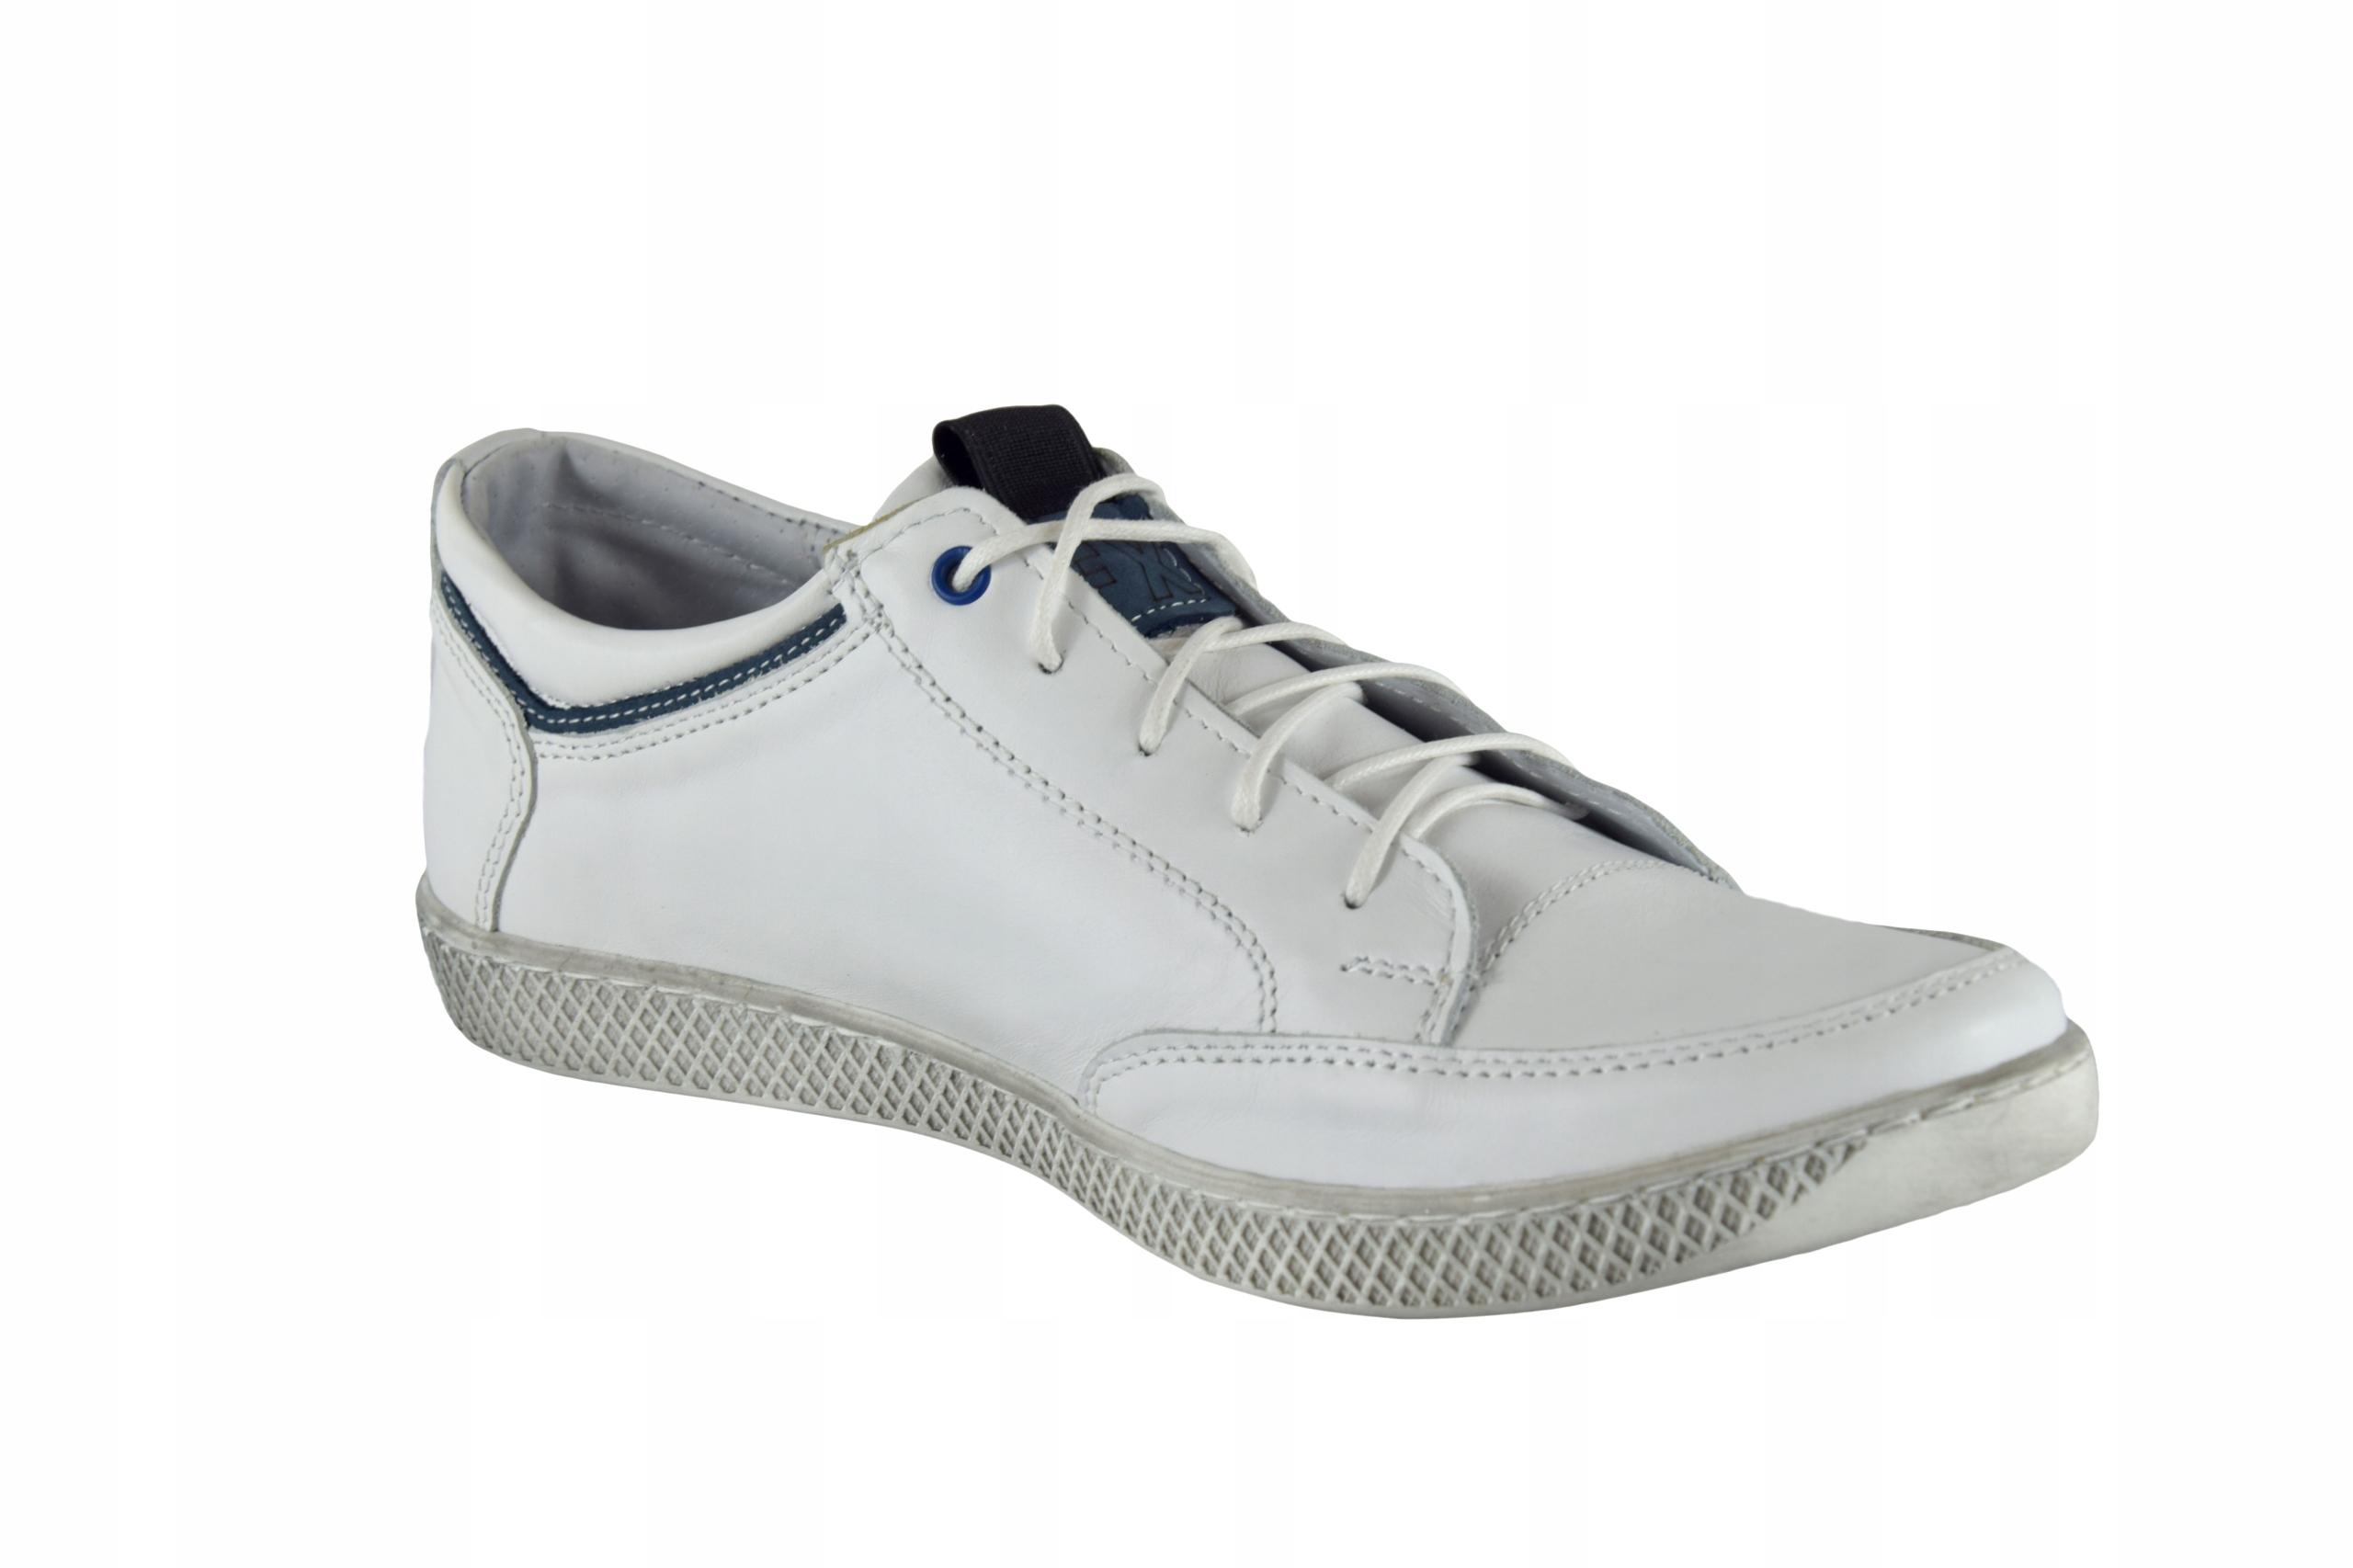 Skórzane męskie białe sznurowane buty męskie 0447 Długość wkładki 26.6 cm